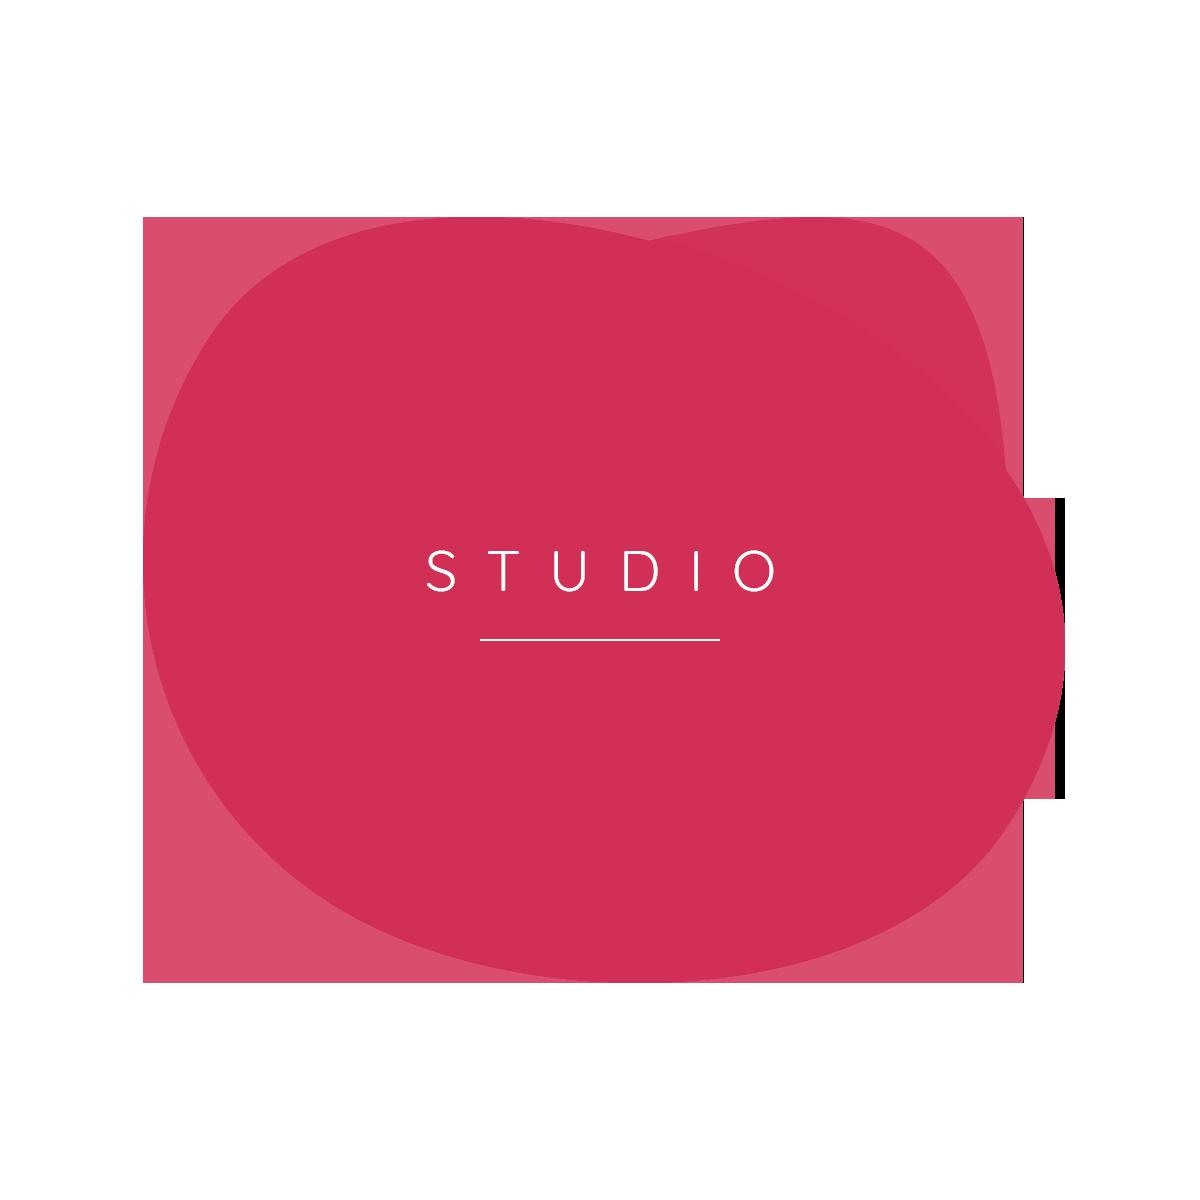 FSC_Text-STUDIO-Magenta